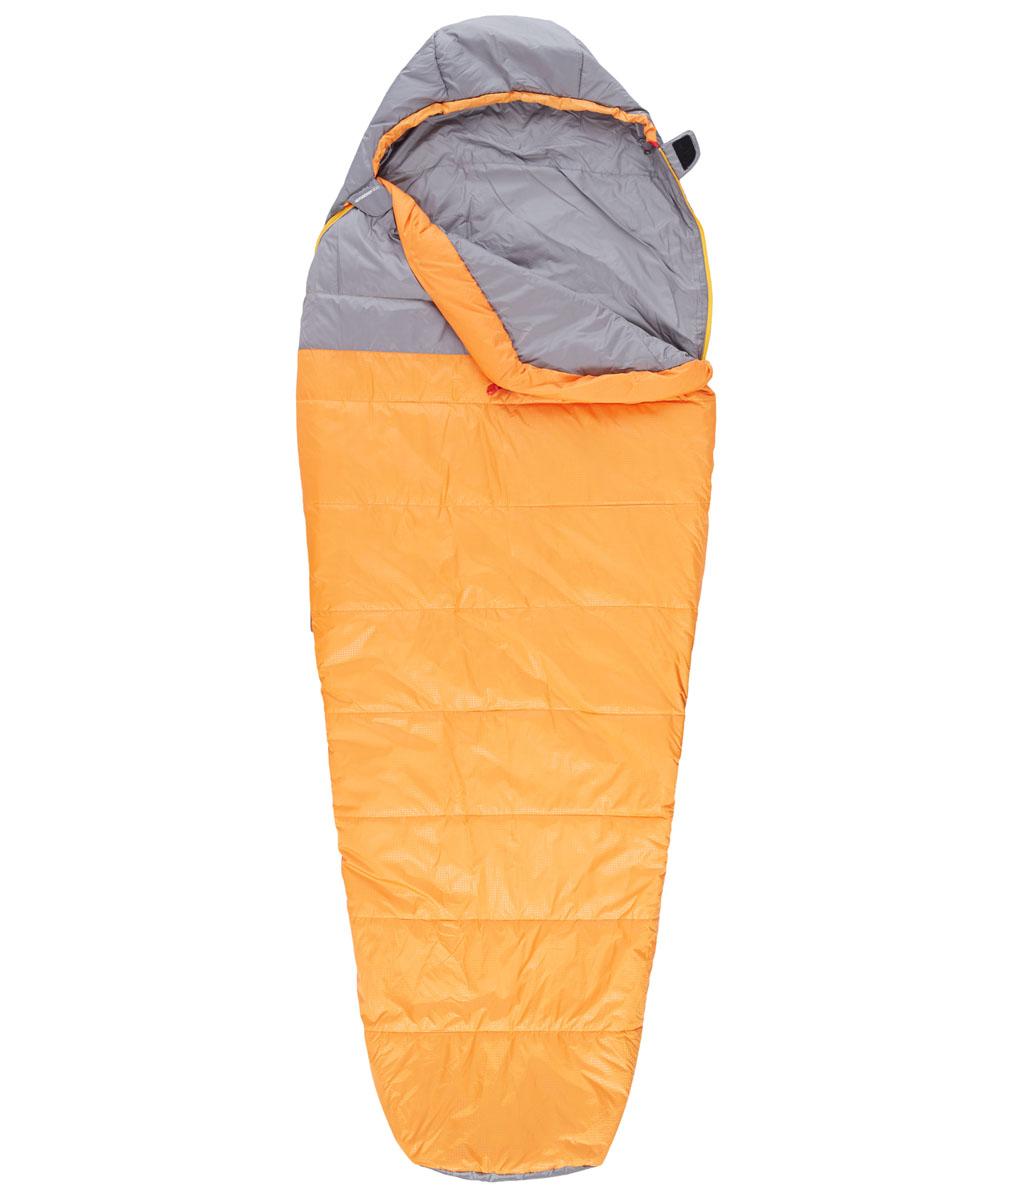 Мешок спальный The North Face Aleutian 35/2, удлиненный, цвет: оранжевый, серый, правосторонняя молнияT0A3A4M5RRH LNGThe North Face Aleutian 35/2 - это трехсезонный спальный мешок для путешествий, который можно целиком расстегнуть и расстелить в палатке. Этот спальный мешок очень вместительный, универсальный, теплый, комфортный и при этом практичный. Спальный мешок упакован в удобный чехол для переноски. Вес наполнителя: 584 г. Длина мешка: 198 см.